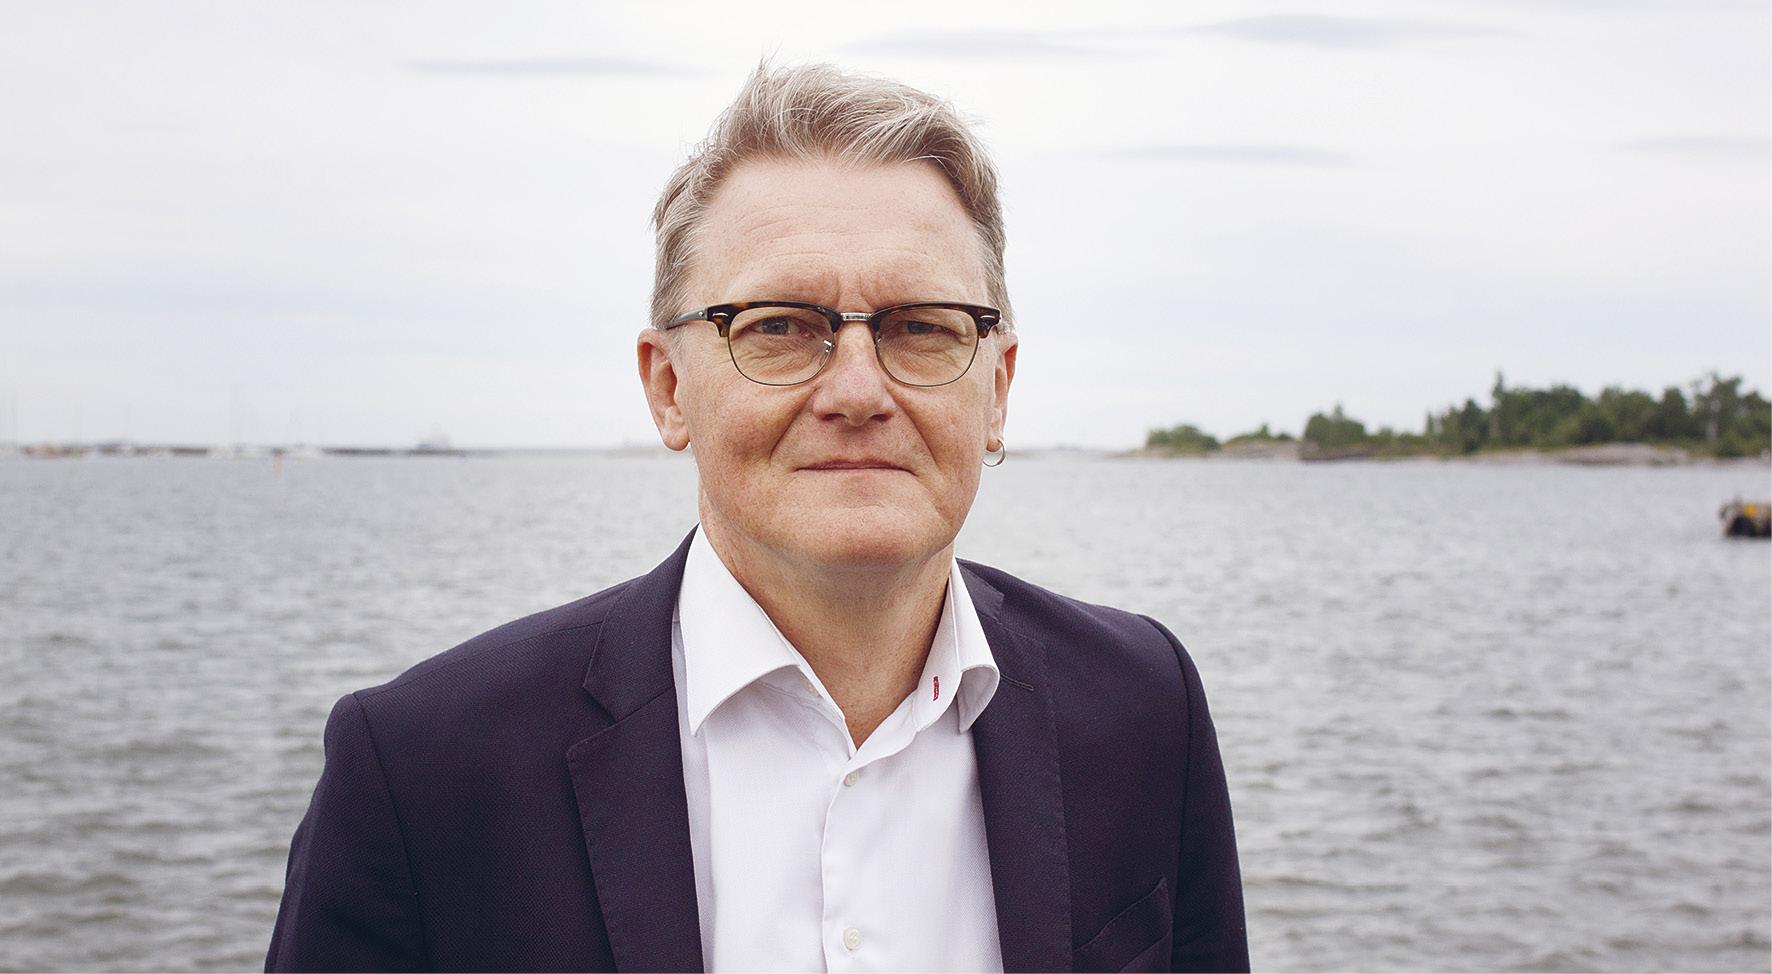 NÄKEMYS. Keskustelu rahan määrästä korvasi keskustelun tekemisen laadusta, katsoo Frank Johansson.